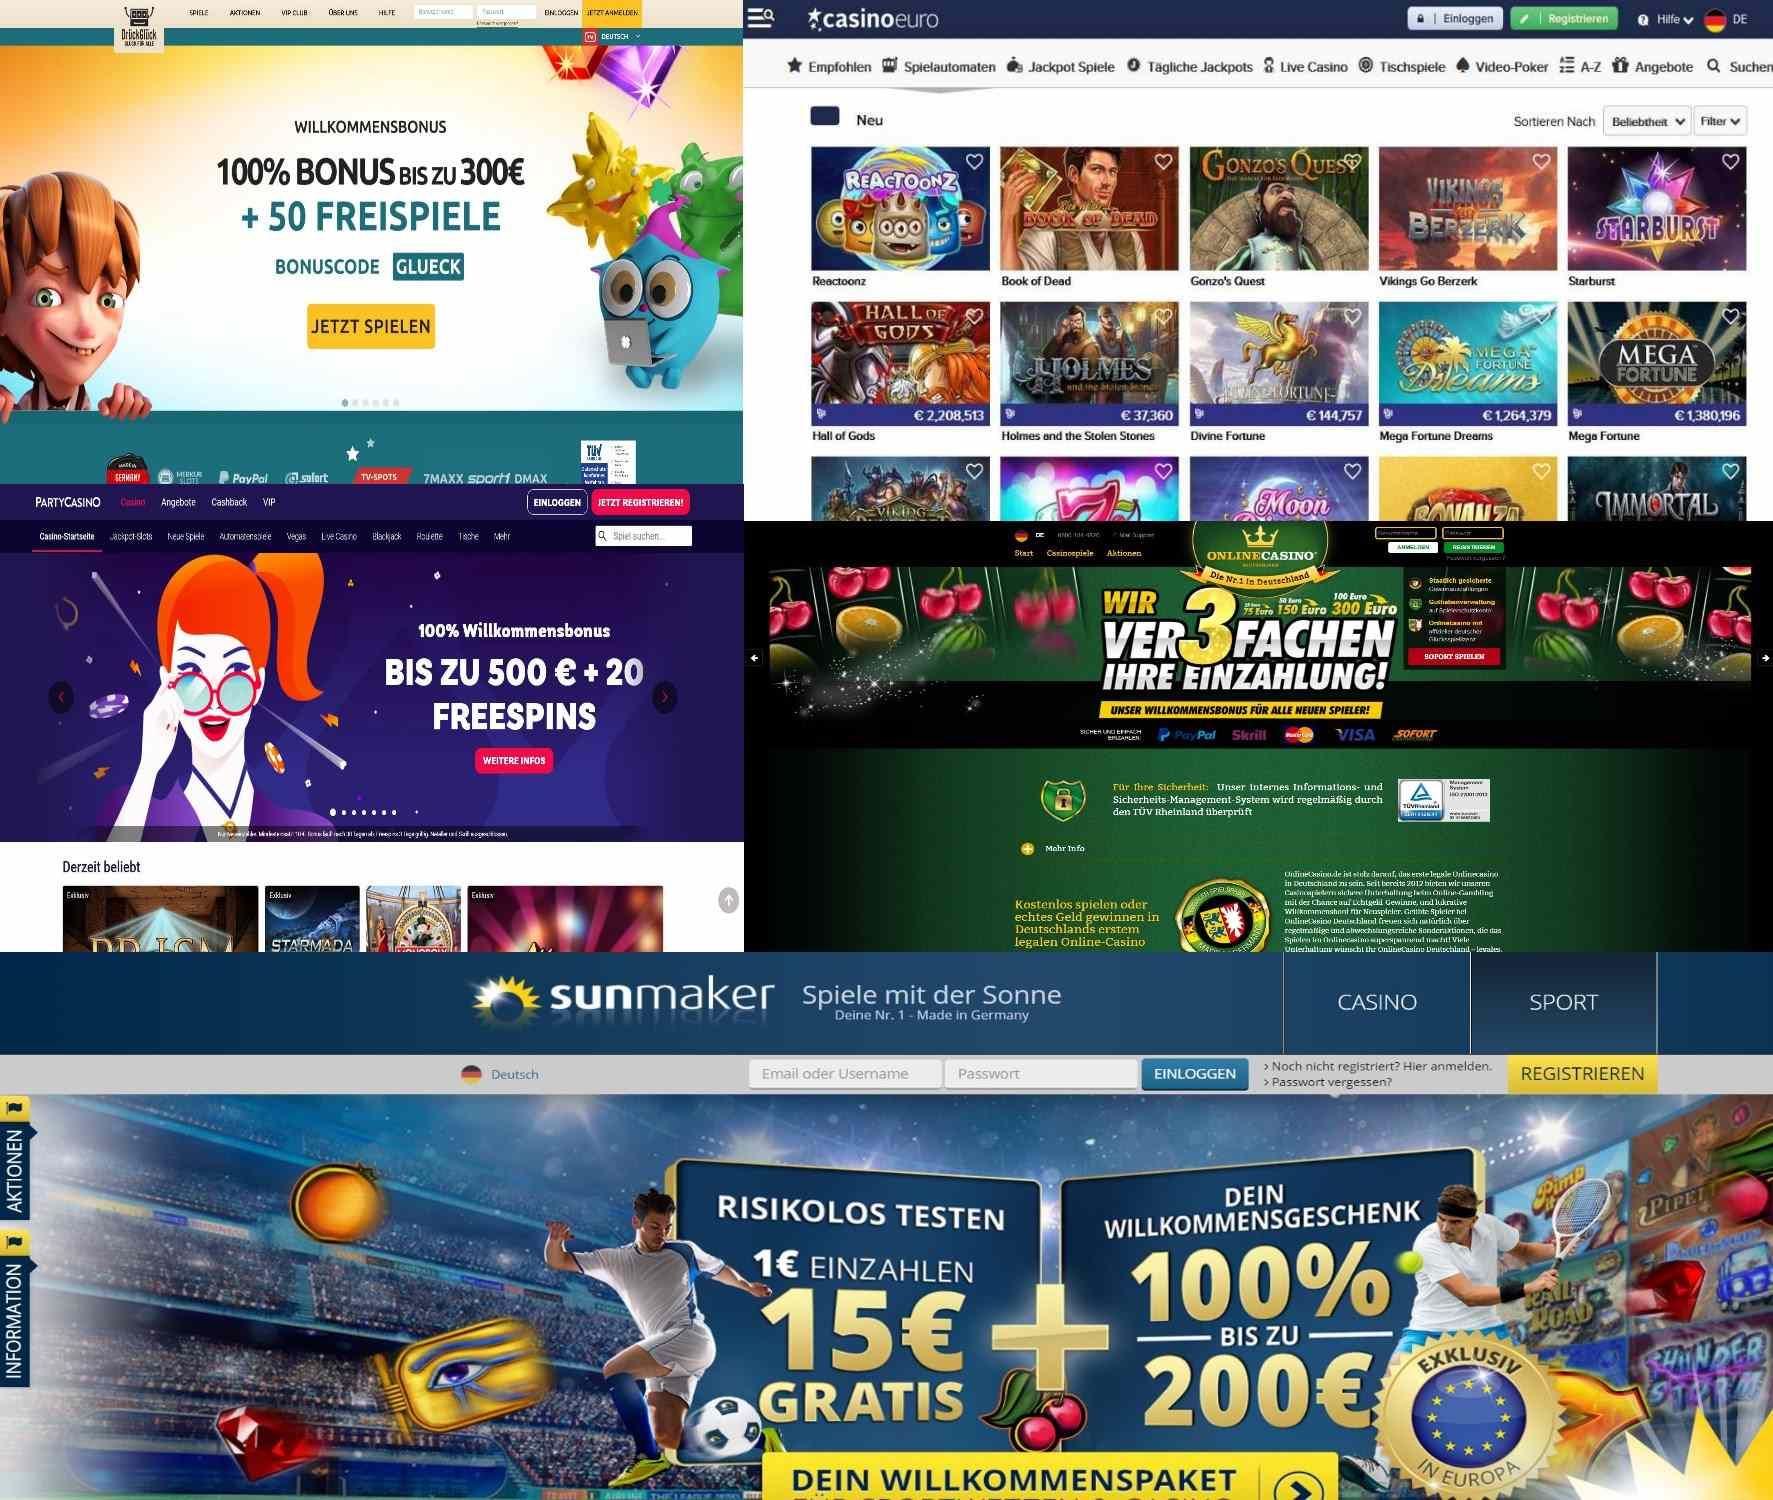 Casino Deutschland 498885